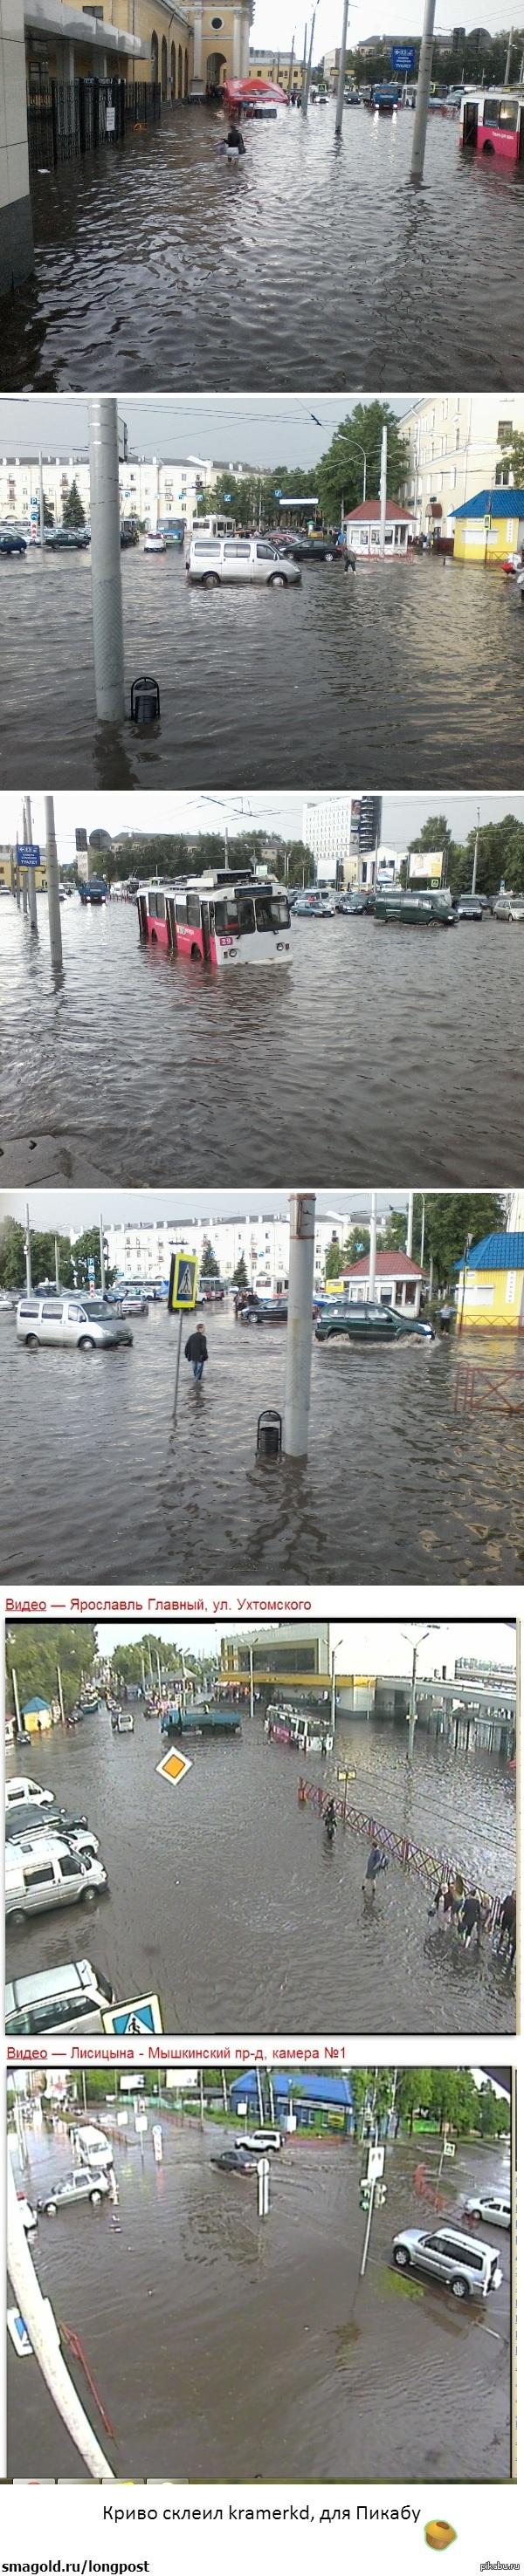 После дождичка в четверг Вчера в Ярославле прошел небольшой дождик. Последствия на фото.